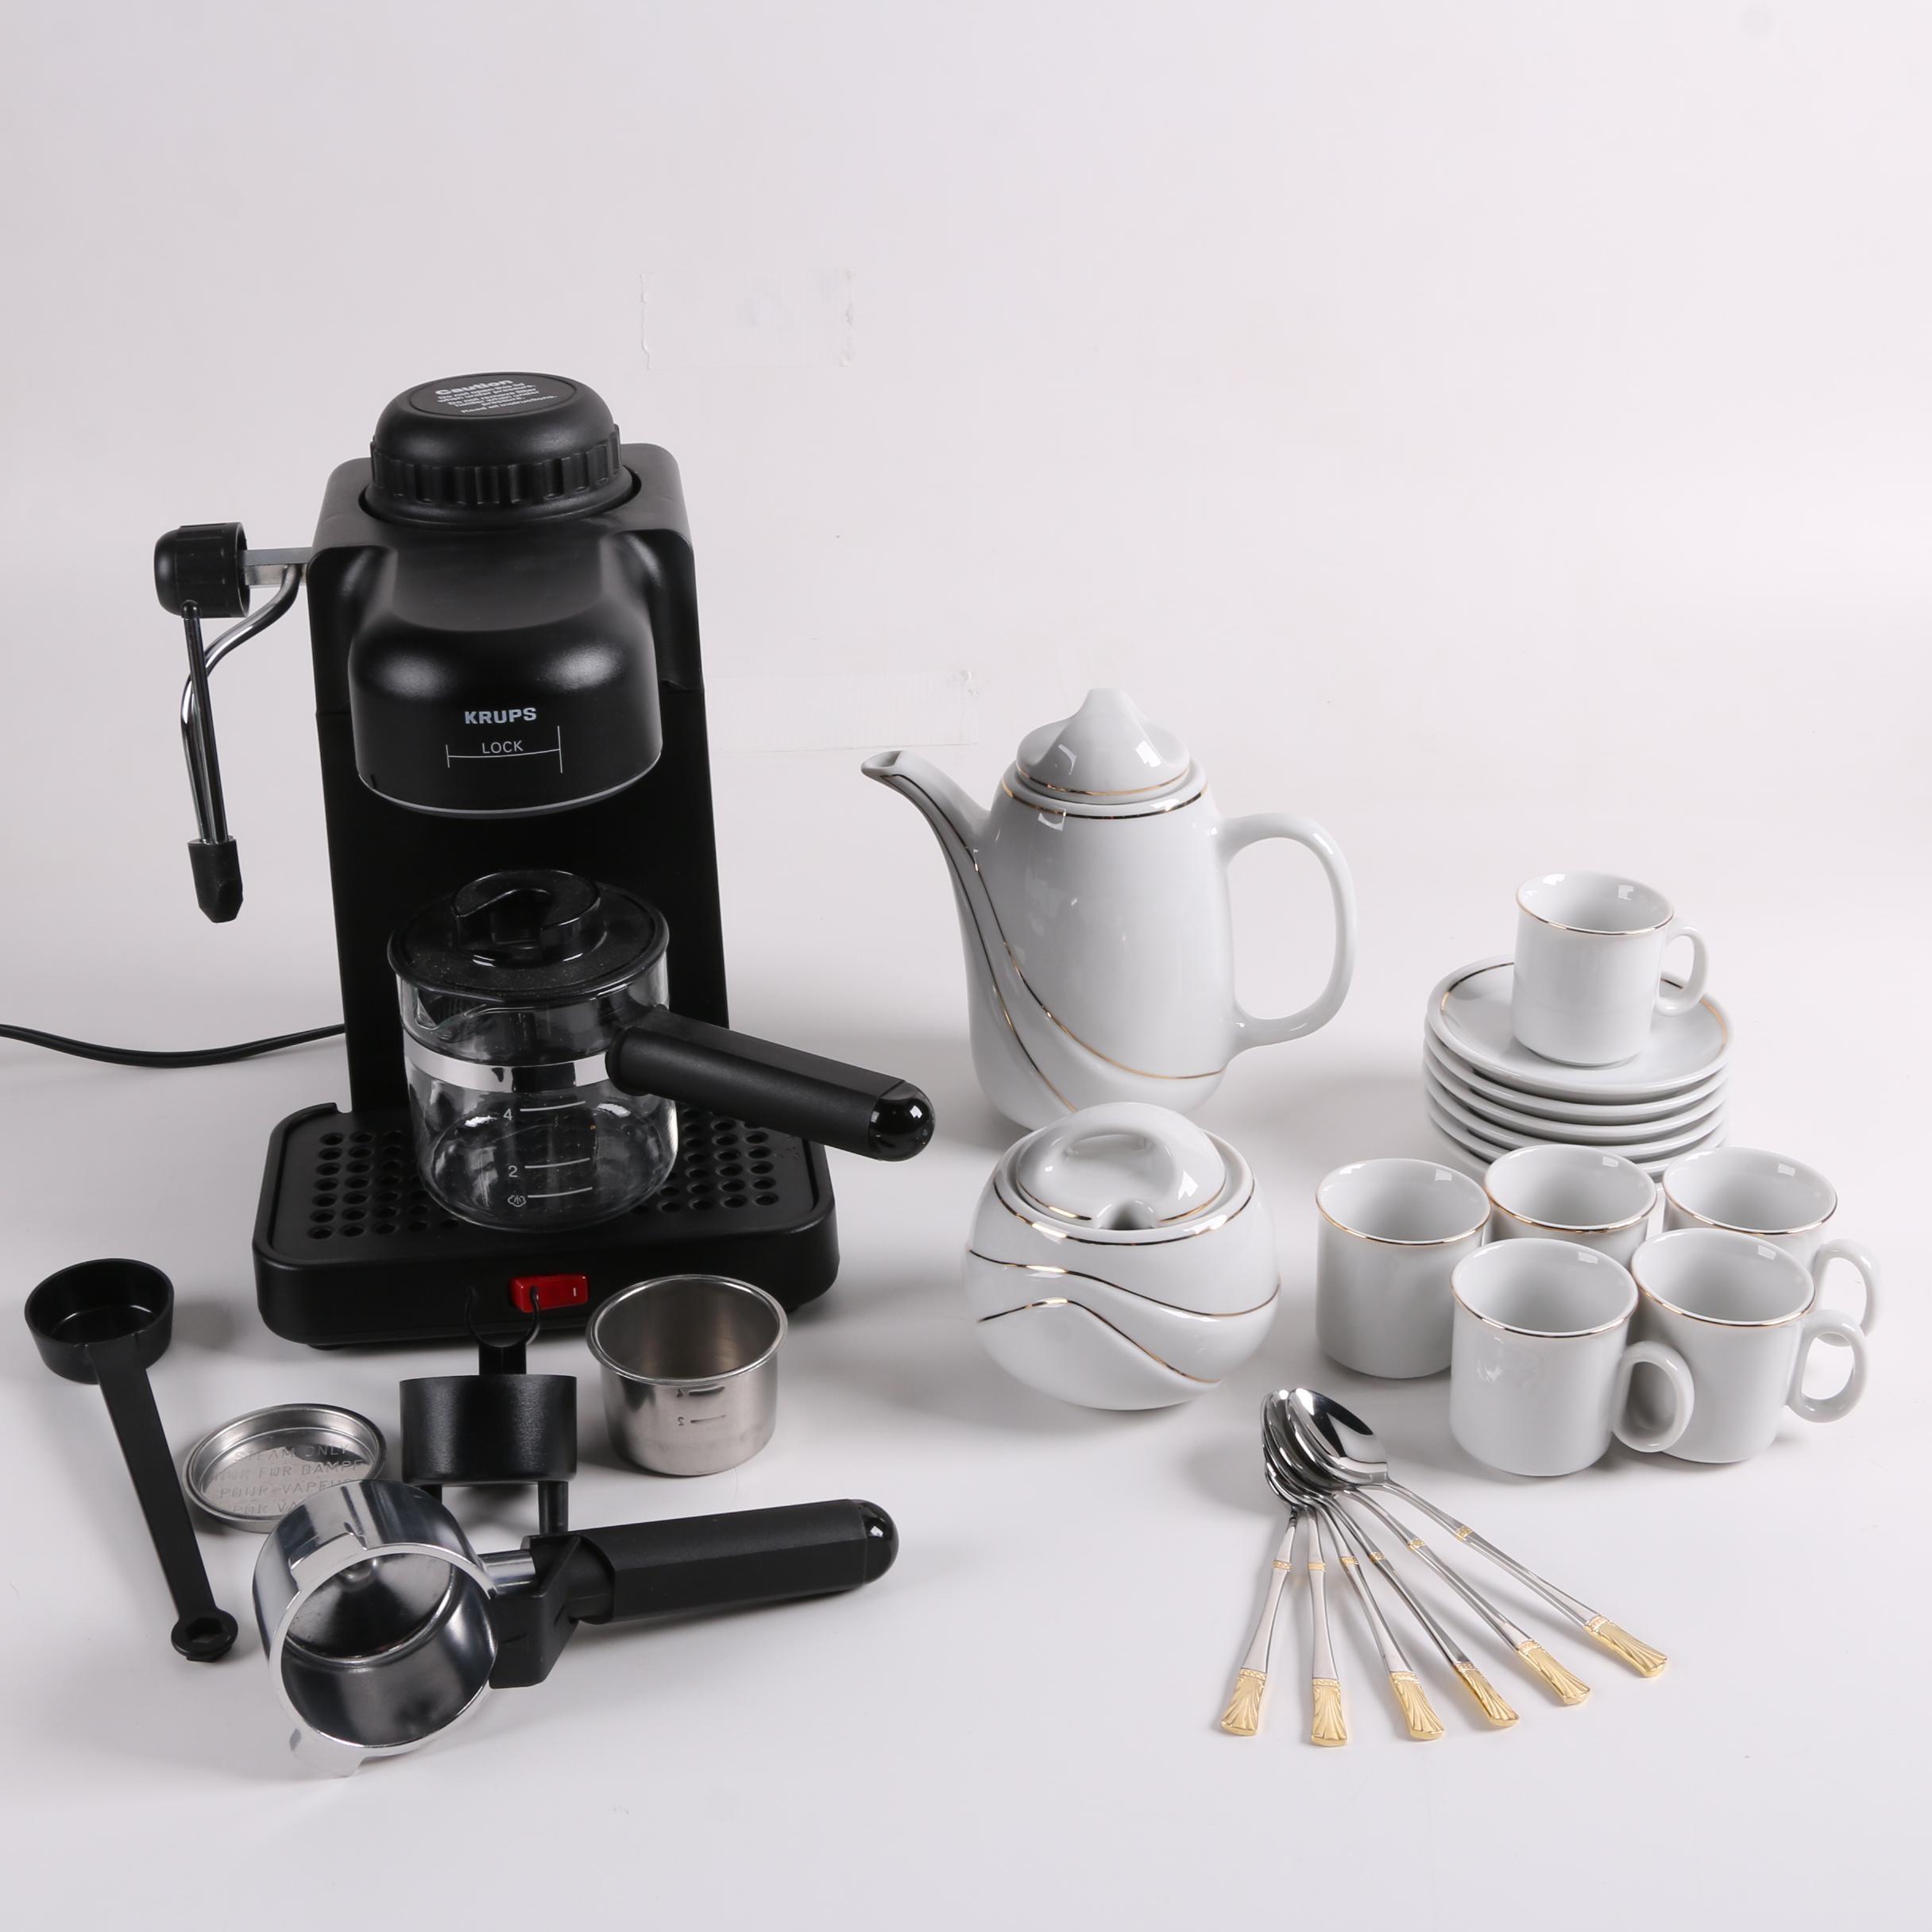 Krups Espresso Machine with Demitasse Set